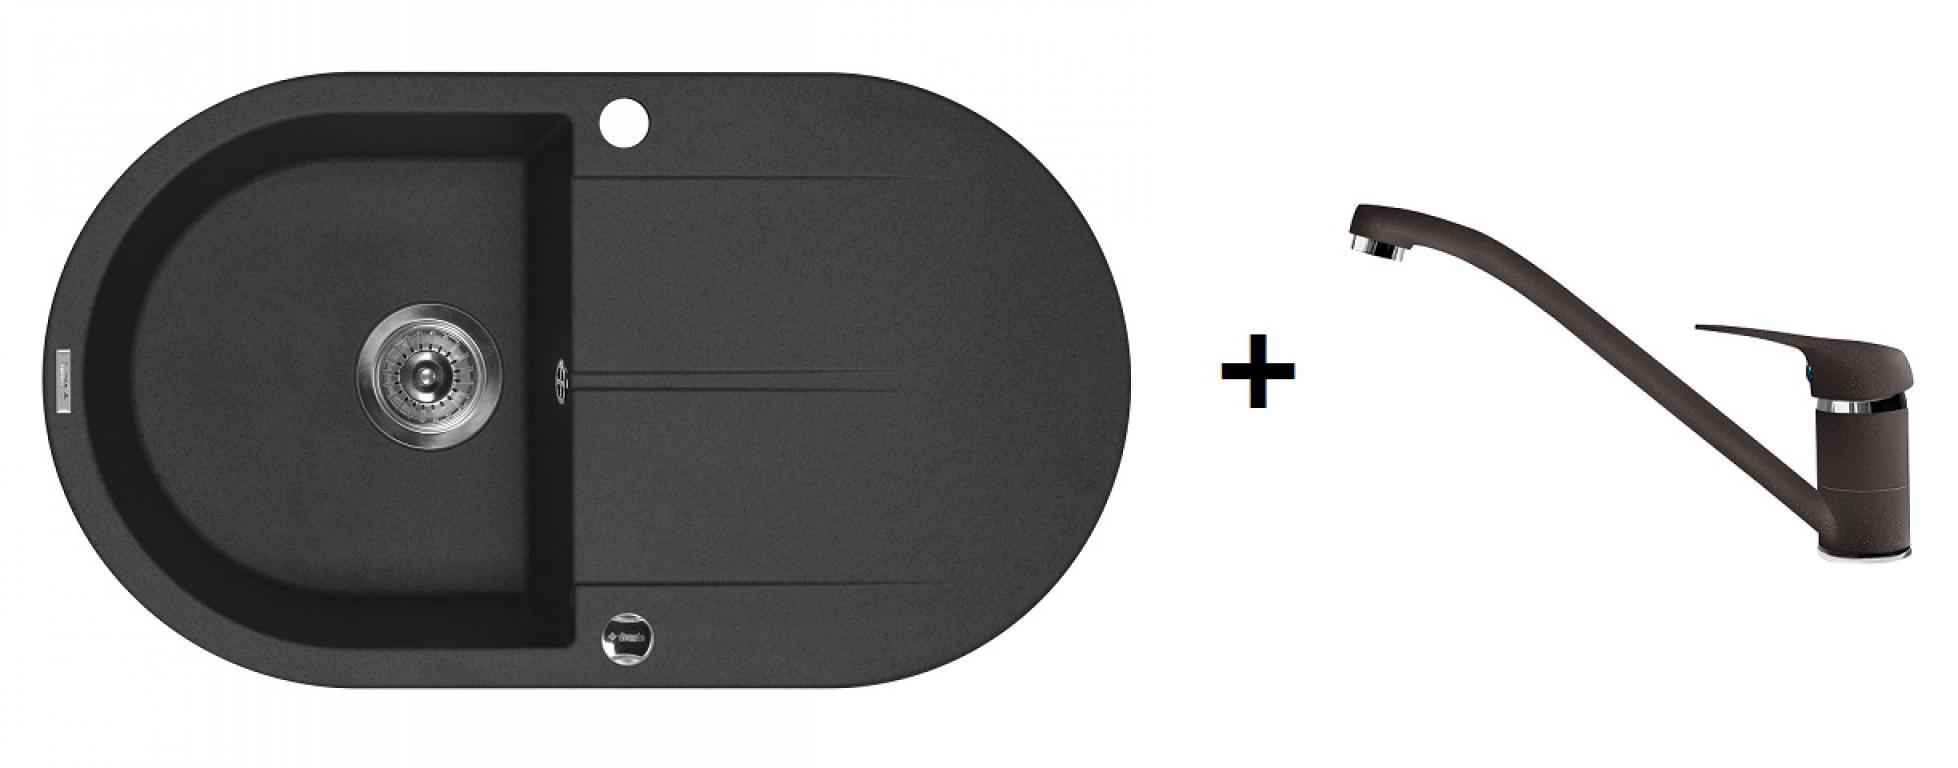 Deante Piva ovális 1 medence + csepegtetős gránitmosogató + normál csaptelep (CS)